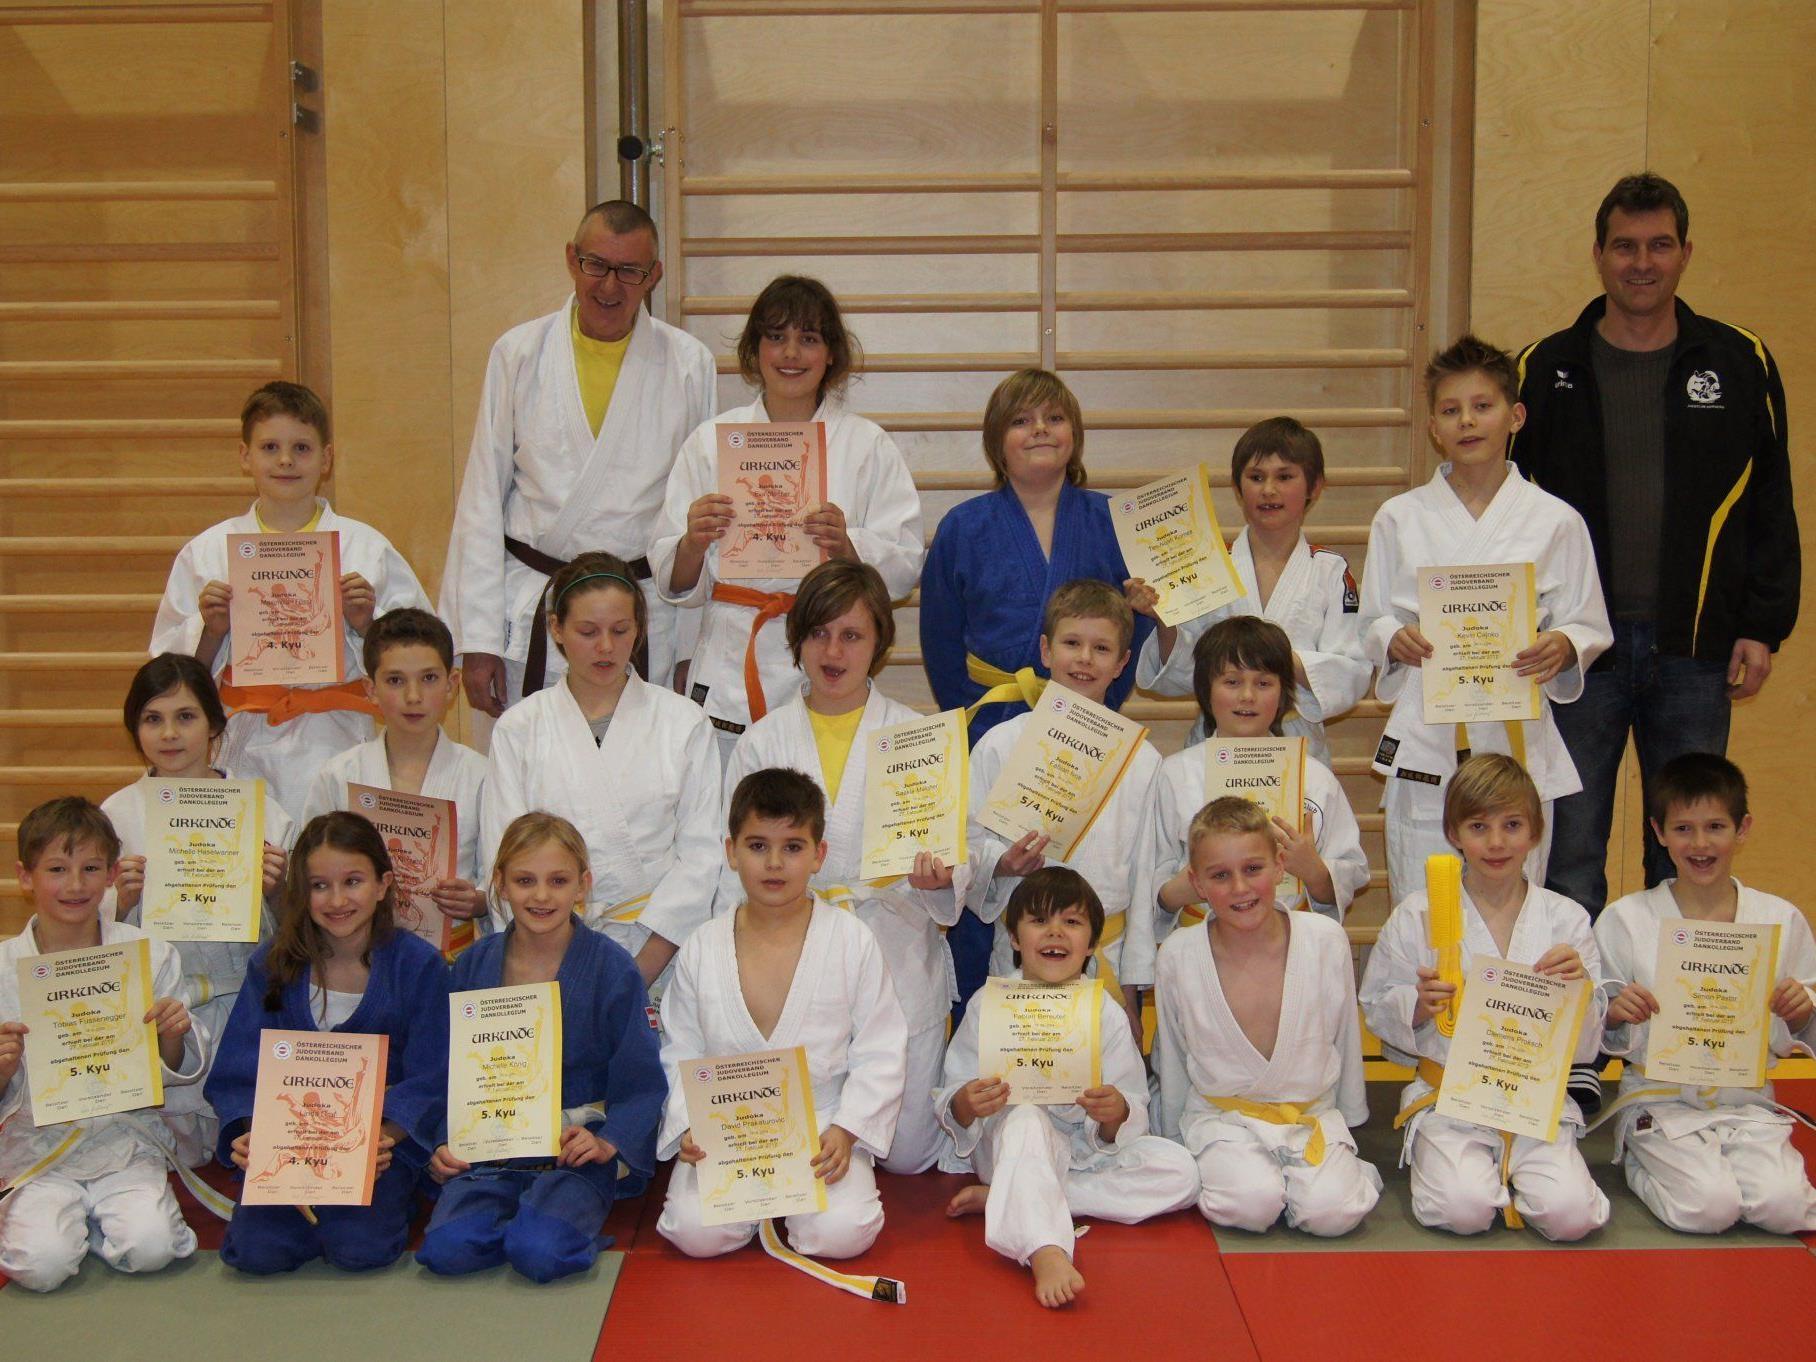 Erleichtert: Die stolzen Kämpferinnen und Kämpfer des Judoclub Dornbirn.